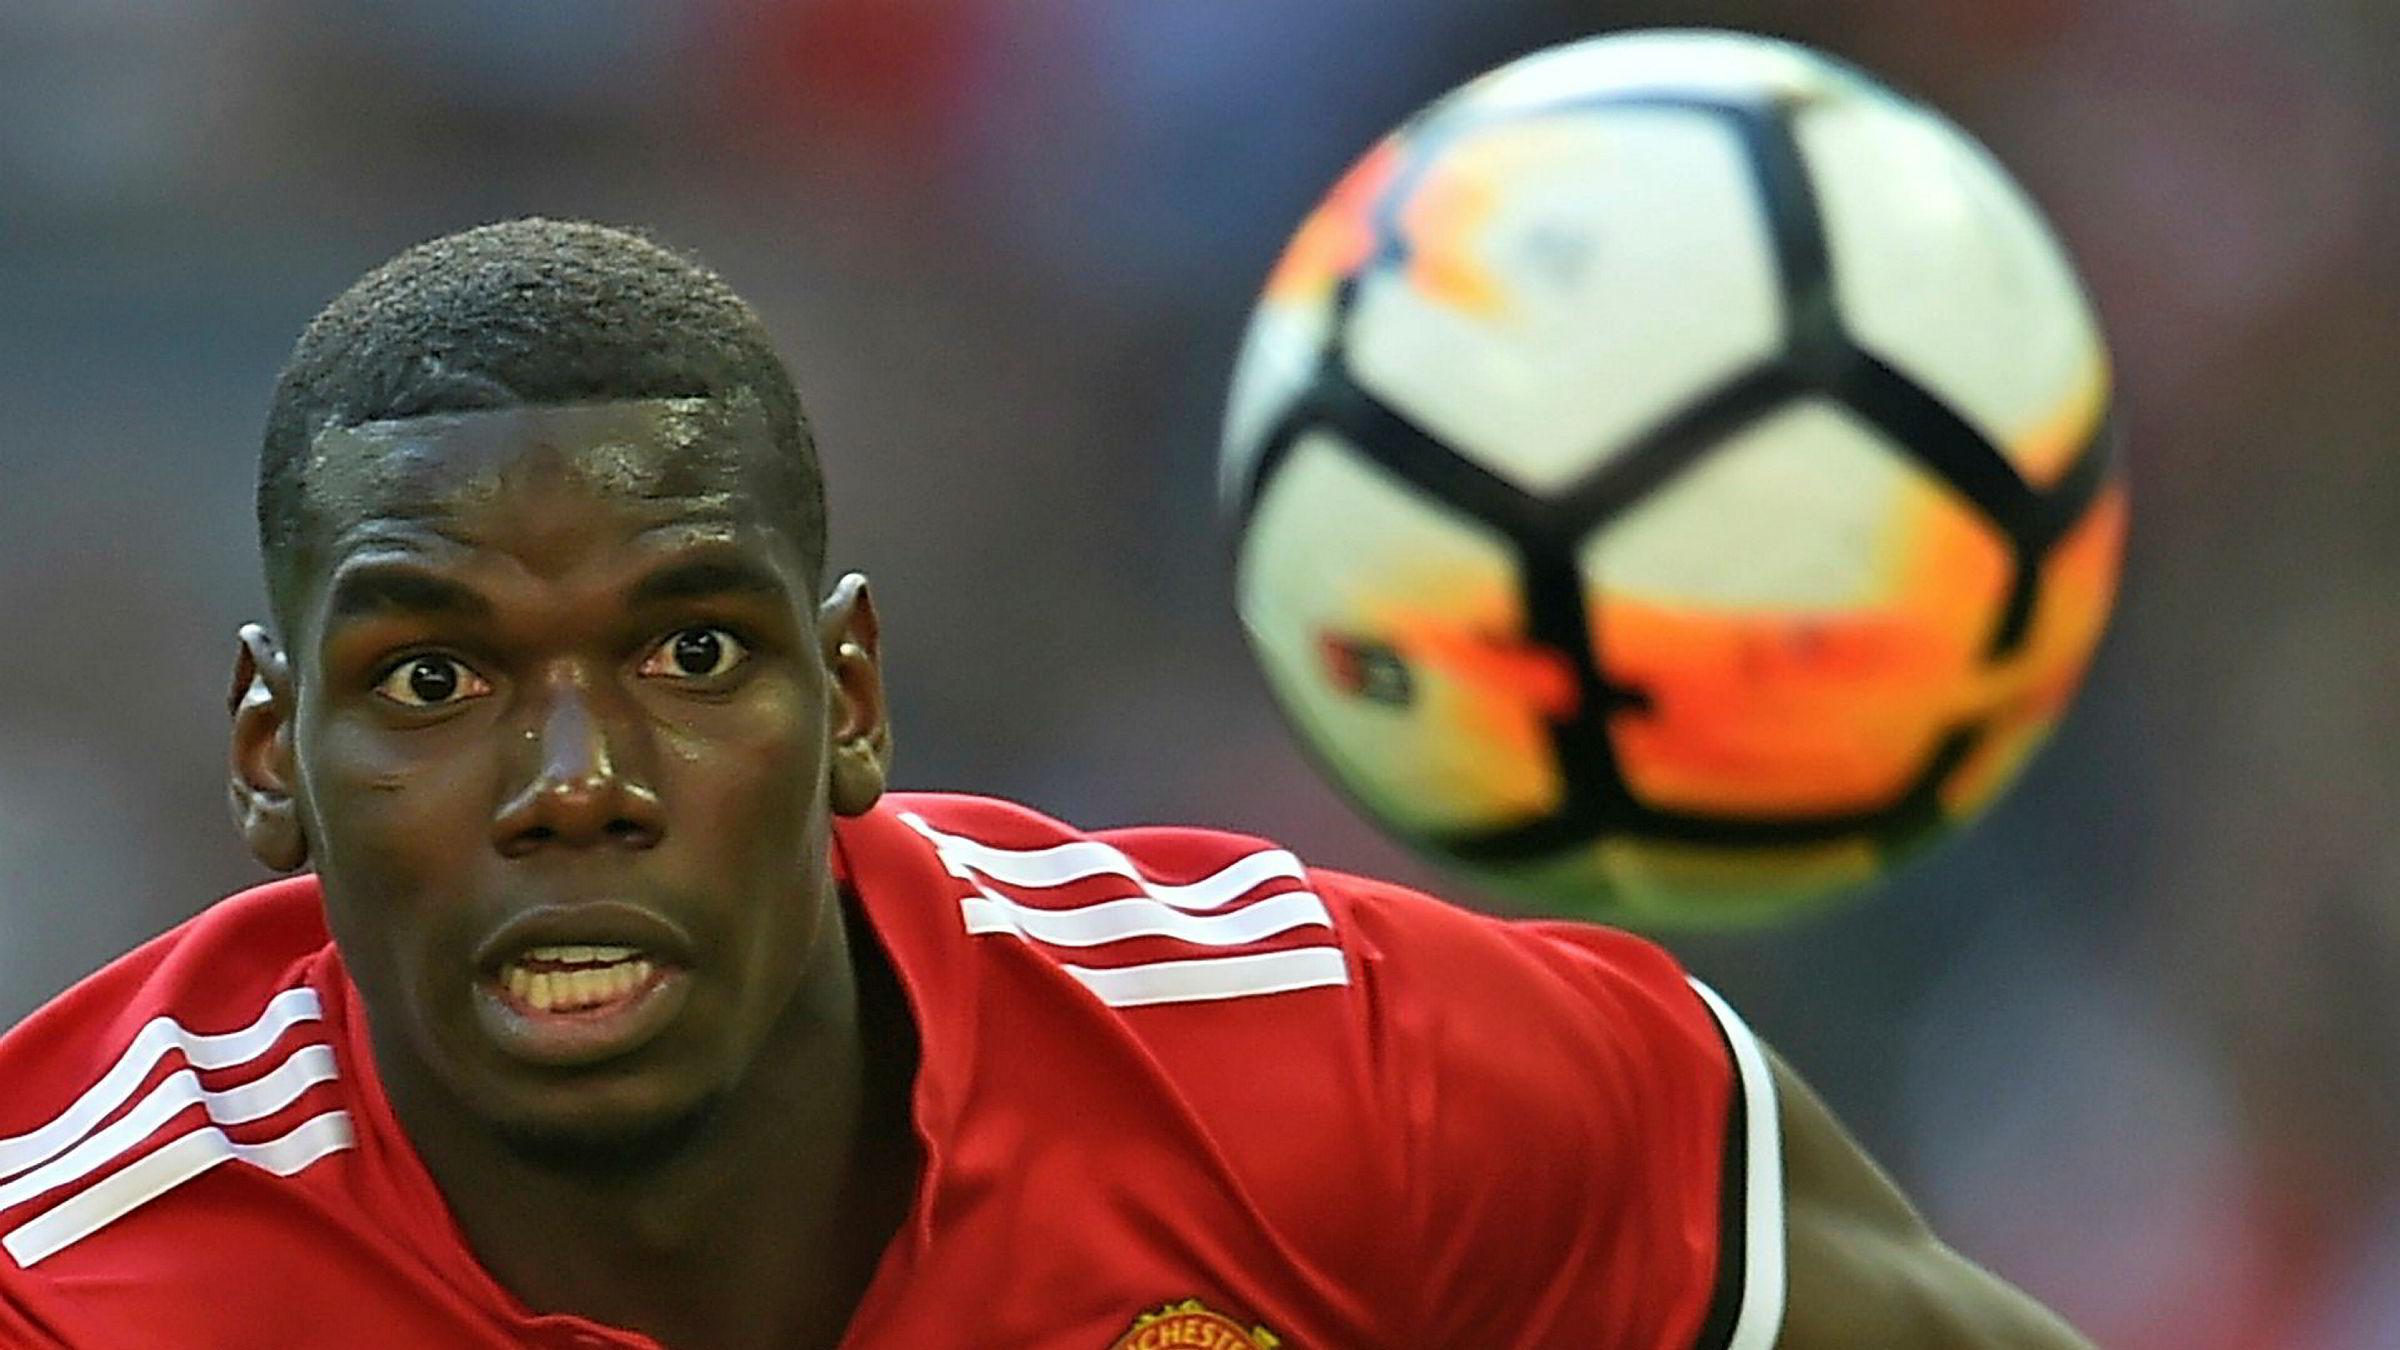 Manchester United-spiller Paul Pogba, her fra FA cup-finalen i mai, vant nylig VM med Frankrike. Klubben starter neste sesong som klodens mest verdifulle fotballag.